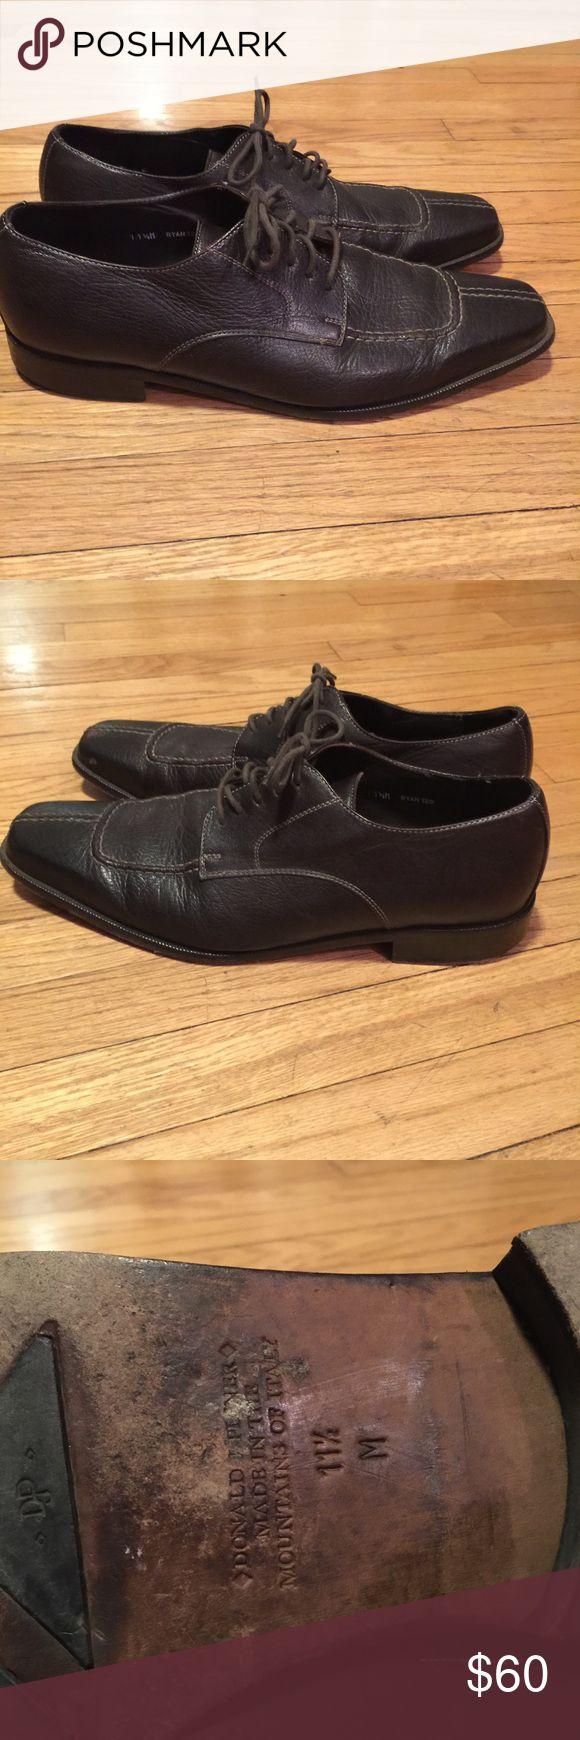 Donald J Pliner men's brown dress shoes - sz 11.5 Donald J Pliner men's brown dress shoes - sz 11.5. Leather. Great condition Donald J. Pliner Shoes Oxfords & Derbys